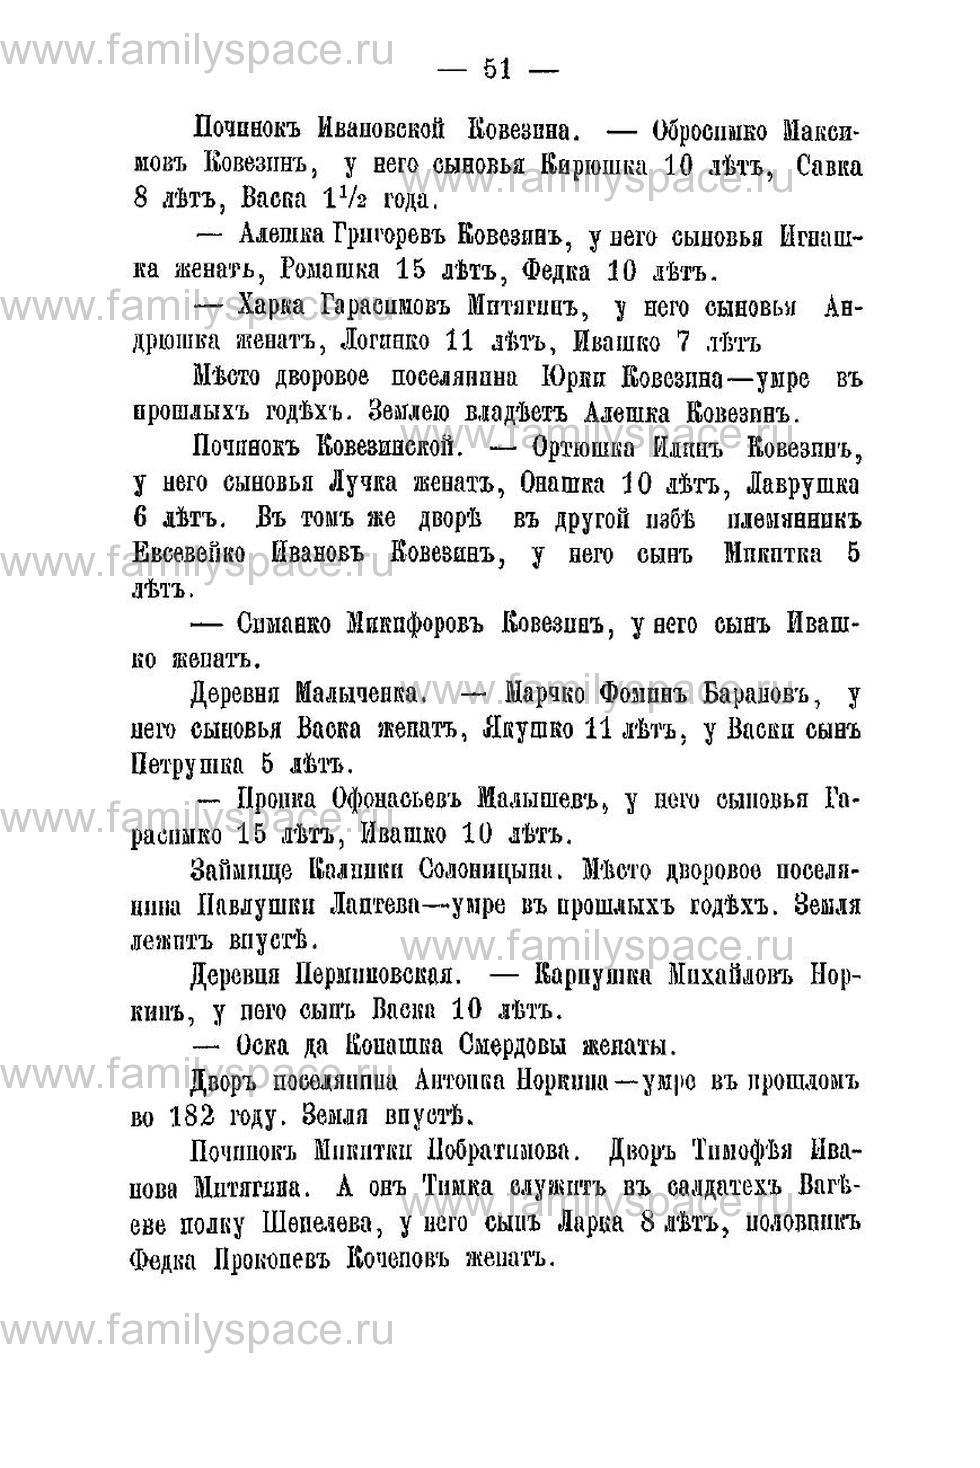 Поиск по фамилии - Переписная книга Орлова и волостей 1678 г, страница 47